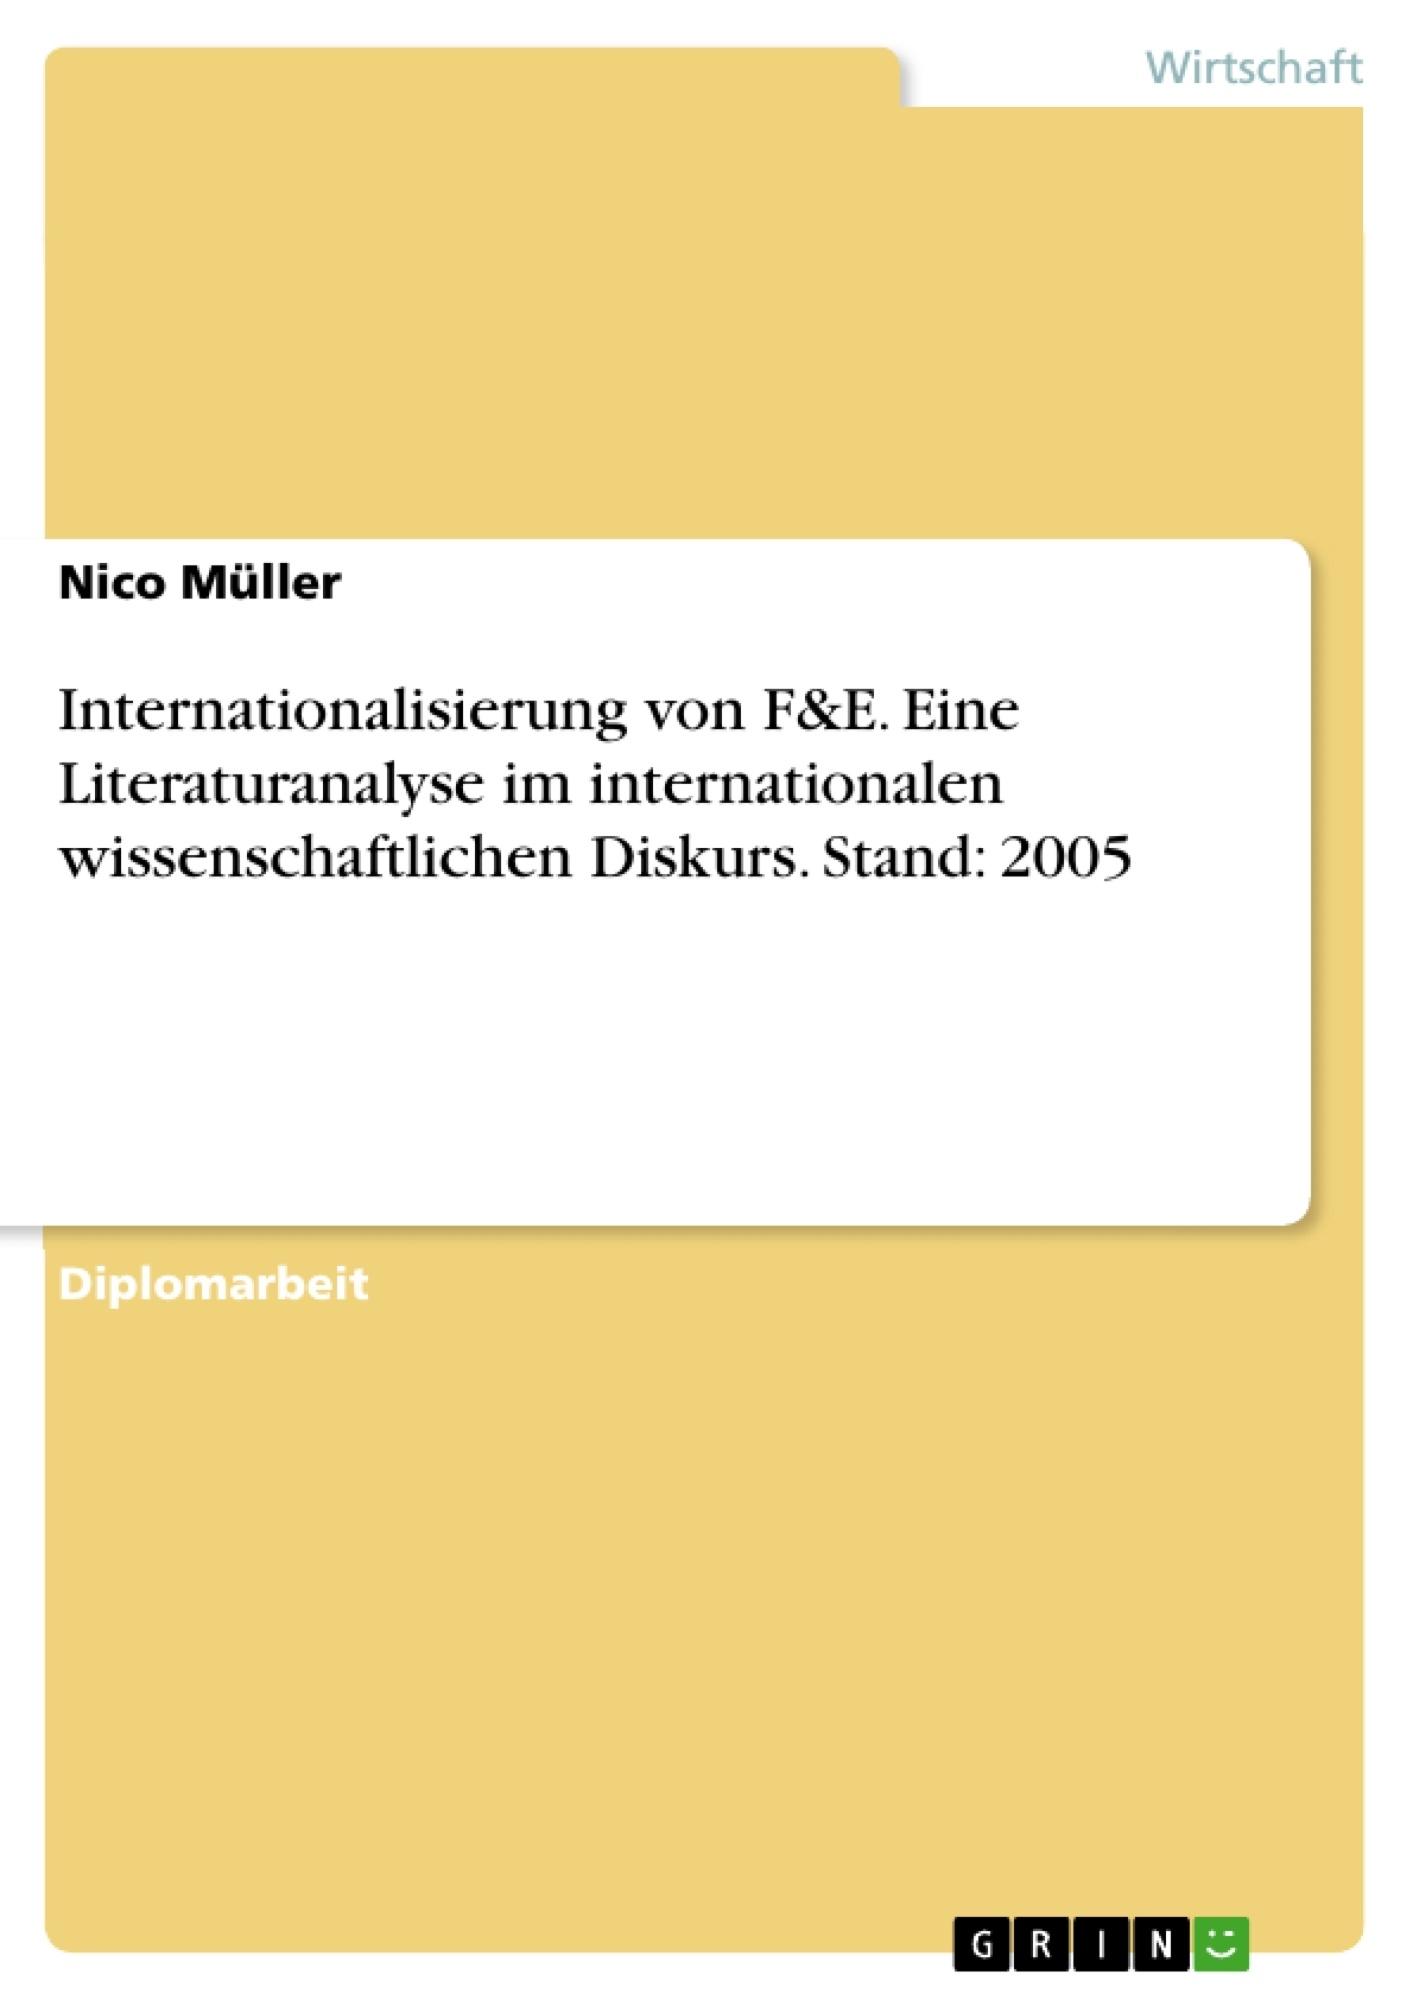 Titel: Internationalisierung von F&E. Eine Literaturanalyse im internationalen wissenschaftlichen Diskurs. Stand: 2005